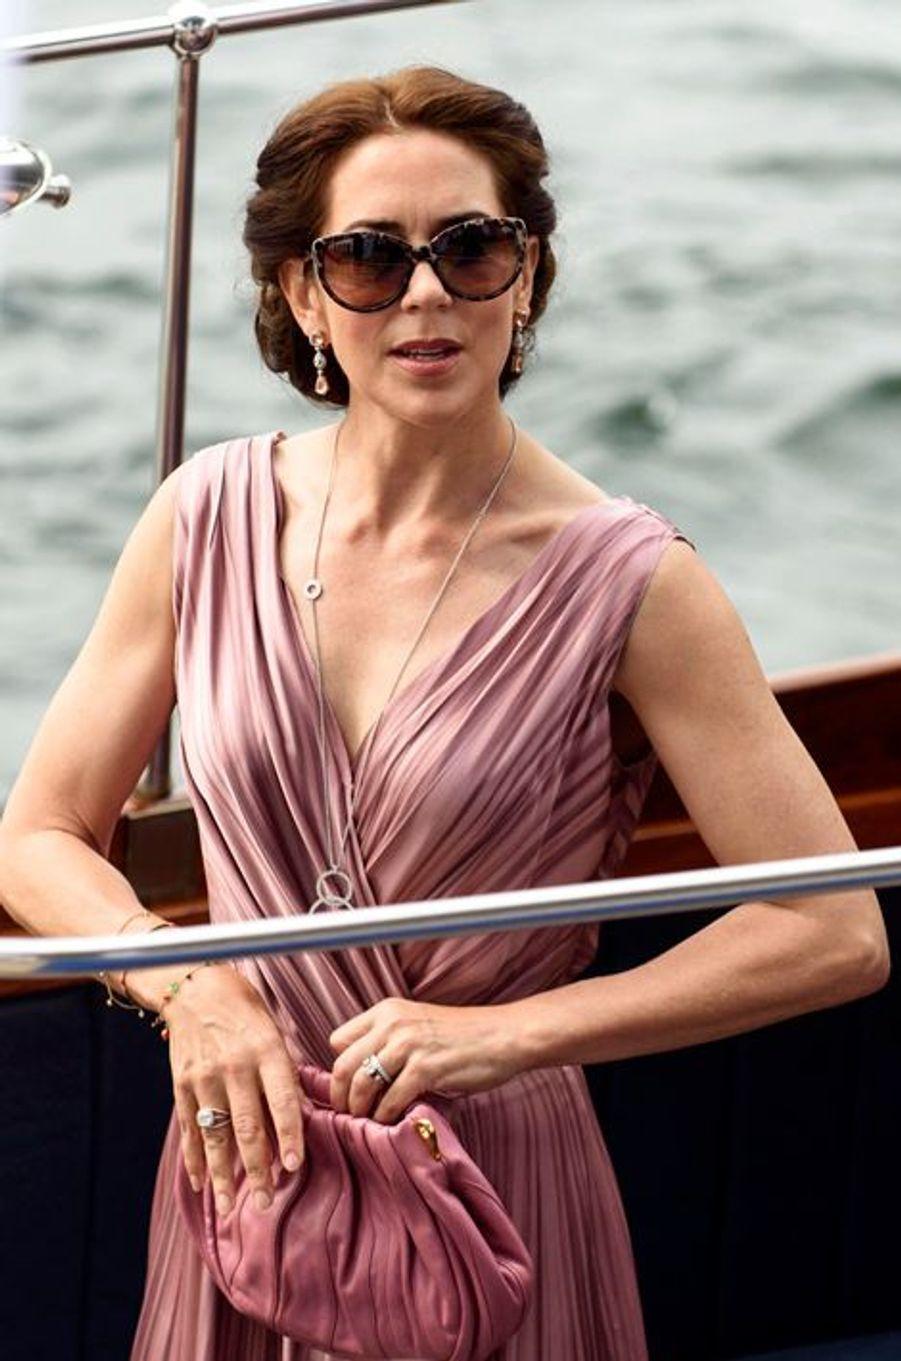 La princesse Mary de Danemark à Copenhague, le 4 juillet 2015